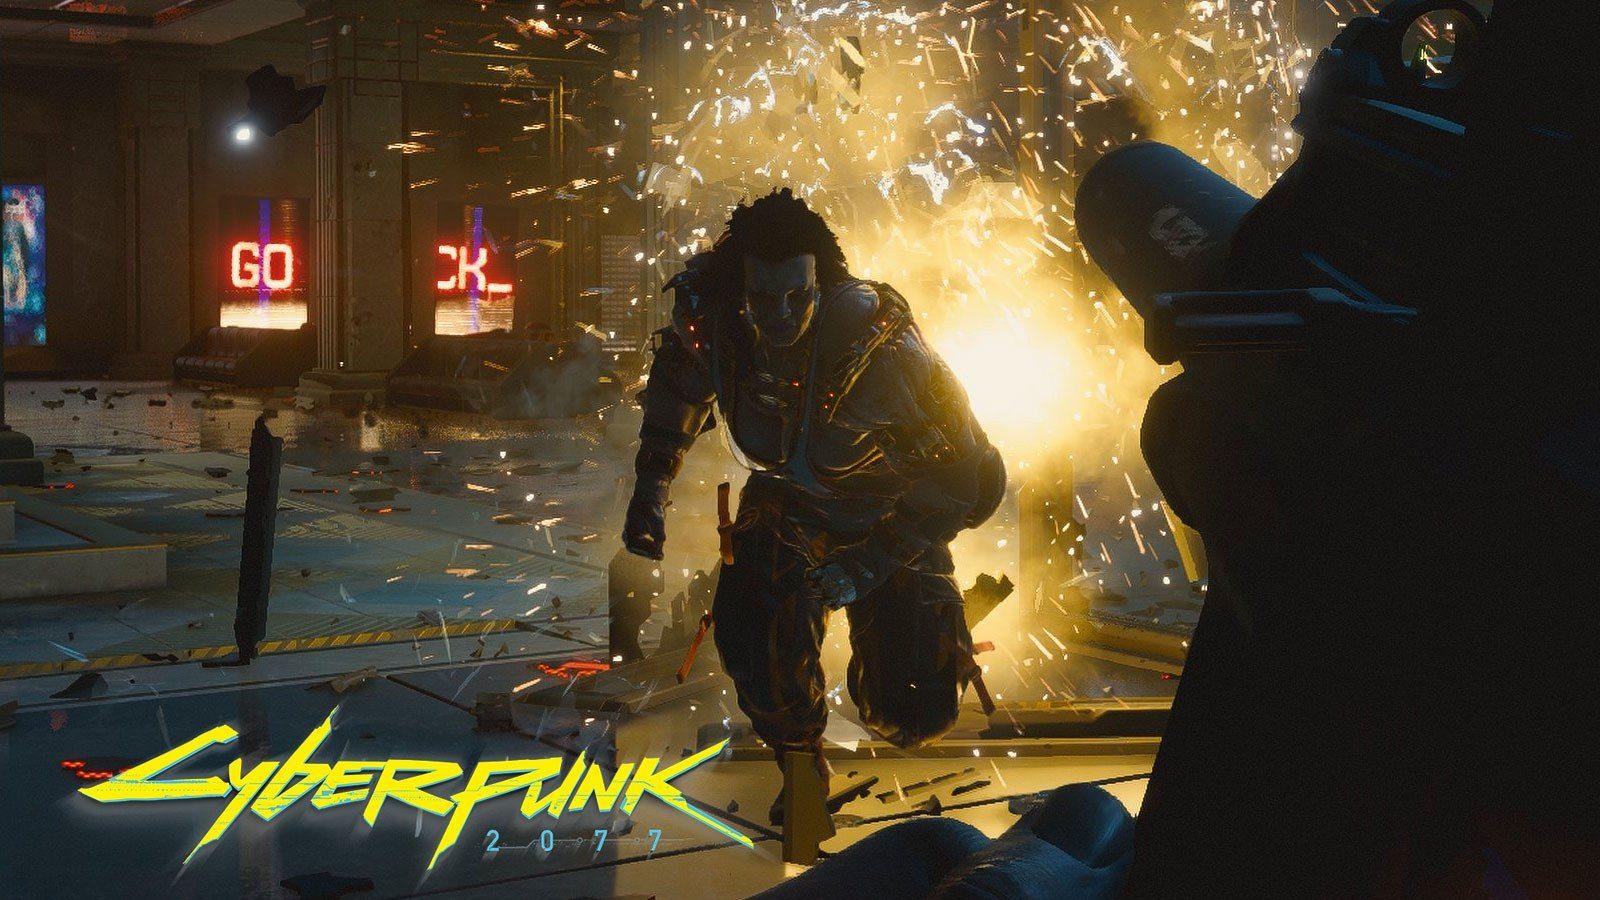 CD Projekt Kırmızı Witcher ve Cyberpunk ile çift franchise modeline geçer 1